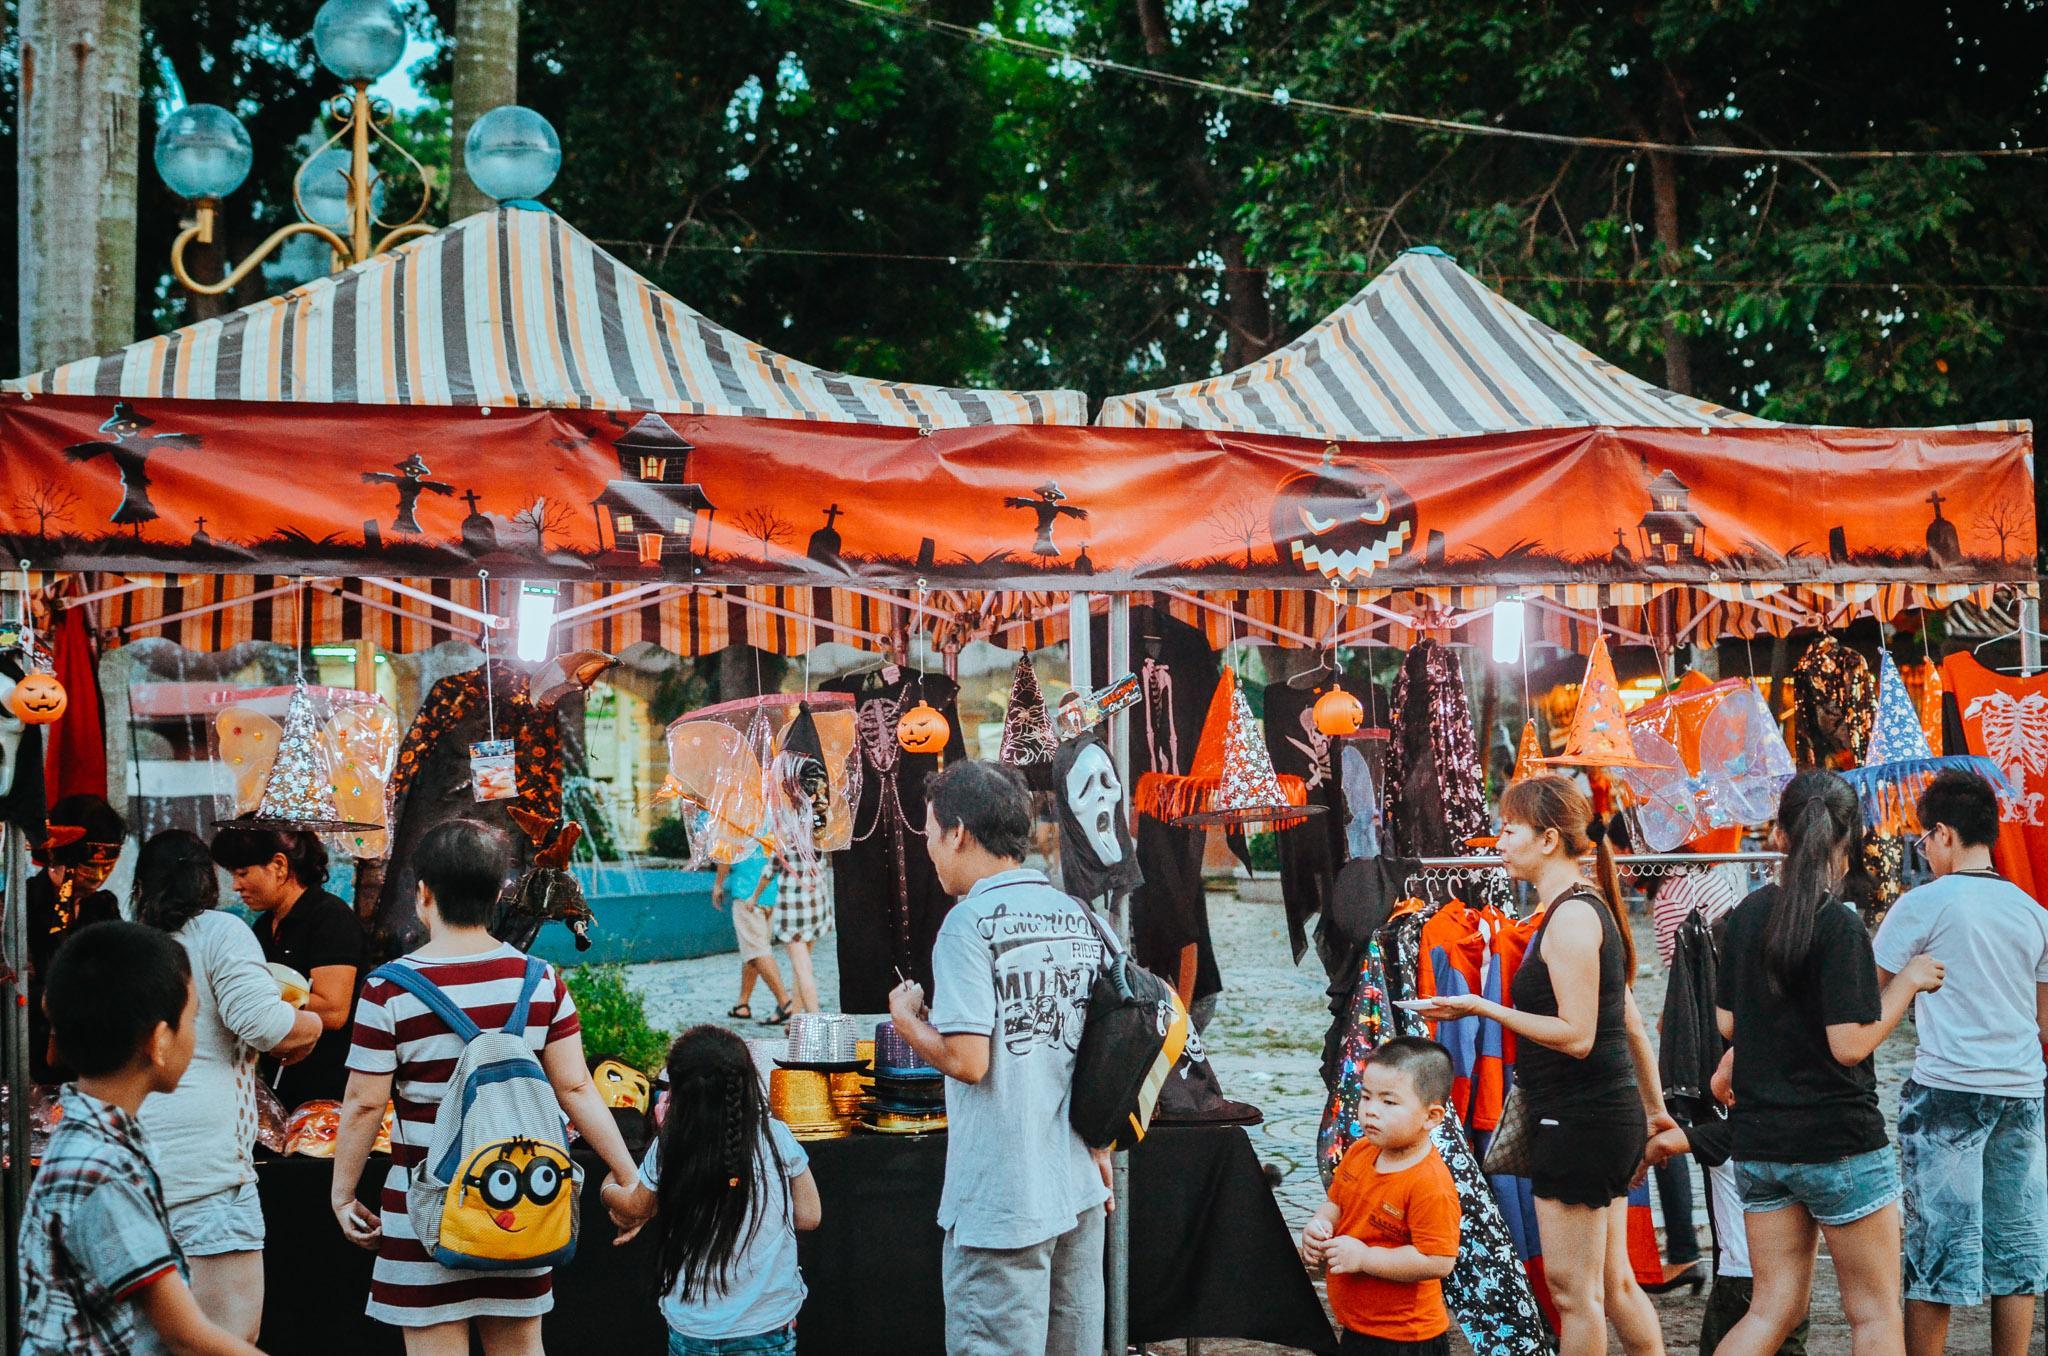 Khám phá loạt địa điểm vui chơi Halloween được check-in nhiều nhất tại Sài Gòn  - Ảnh 9.